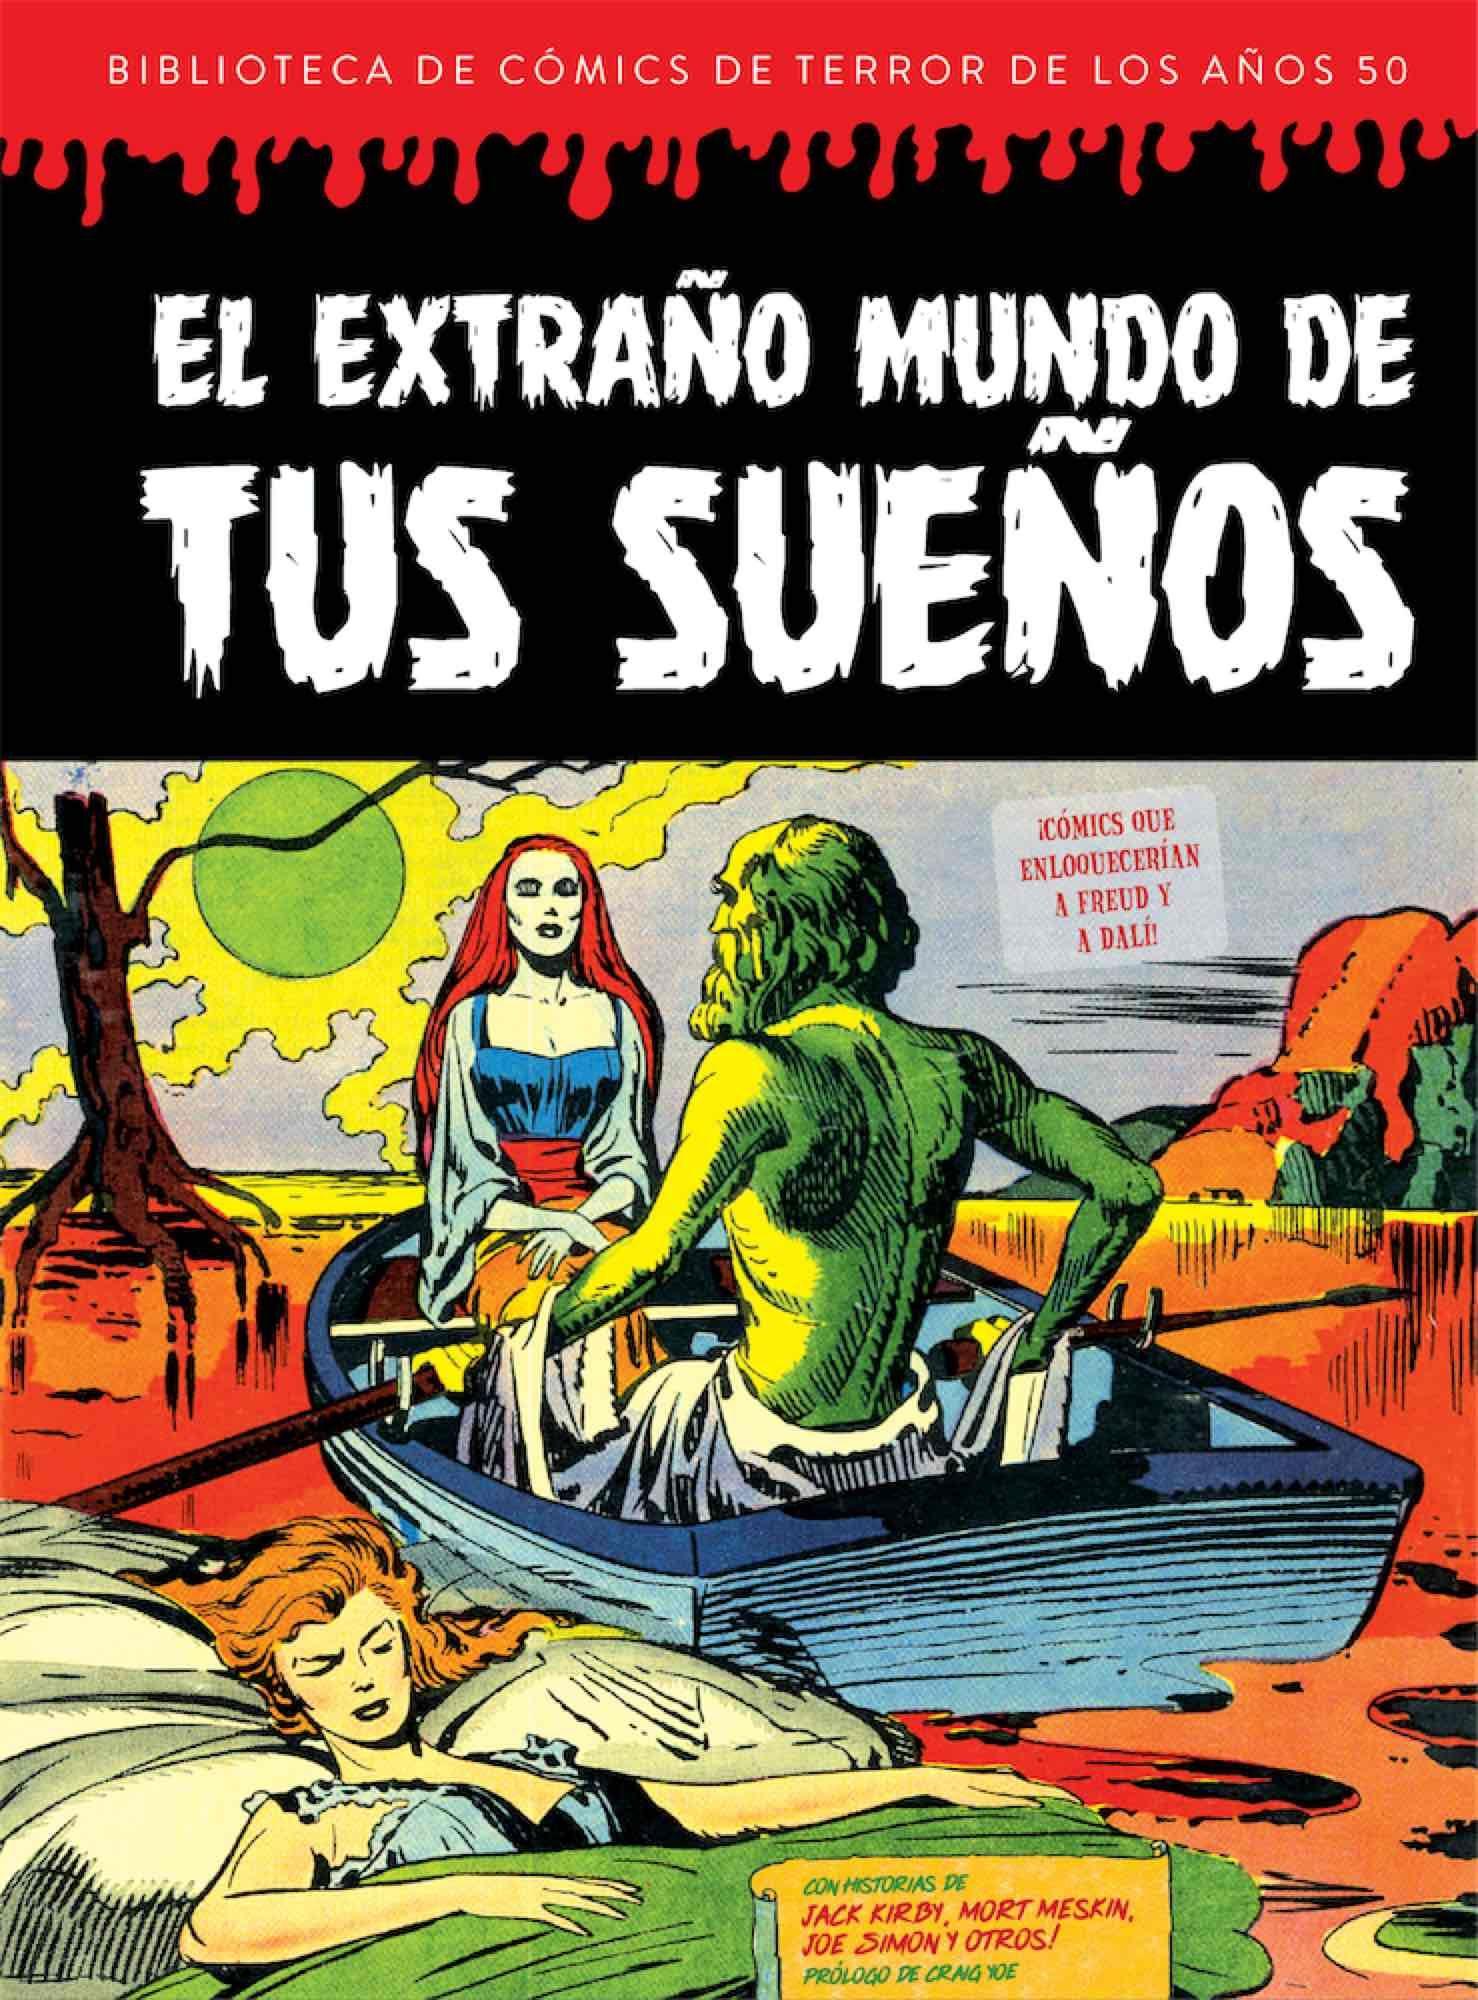 EXTRANO MUNDO DE TUS SUENOS (BIBLIOTECA DE COMICS